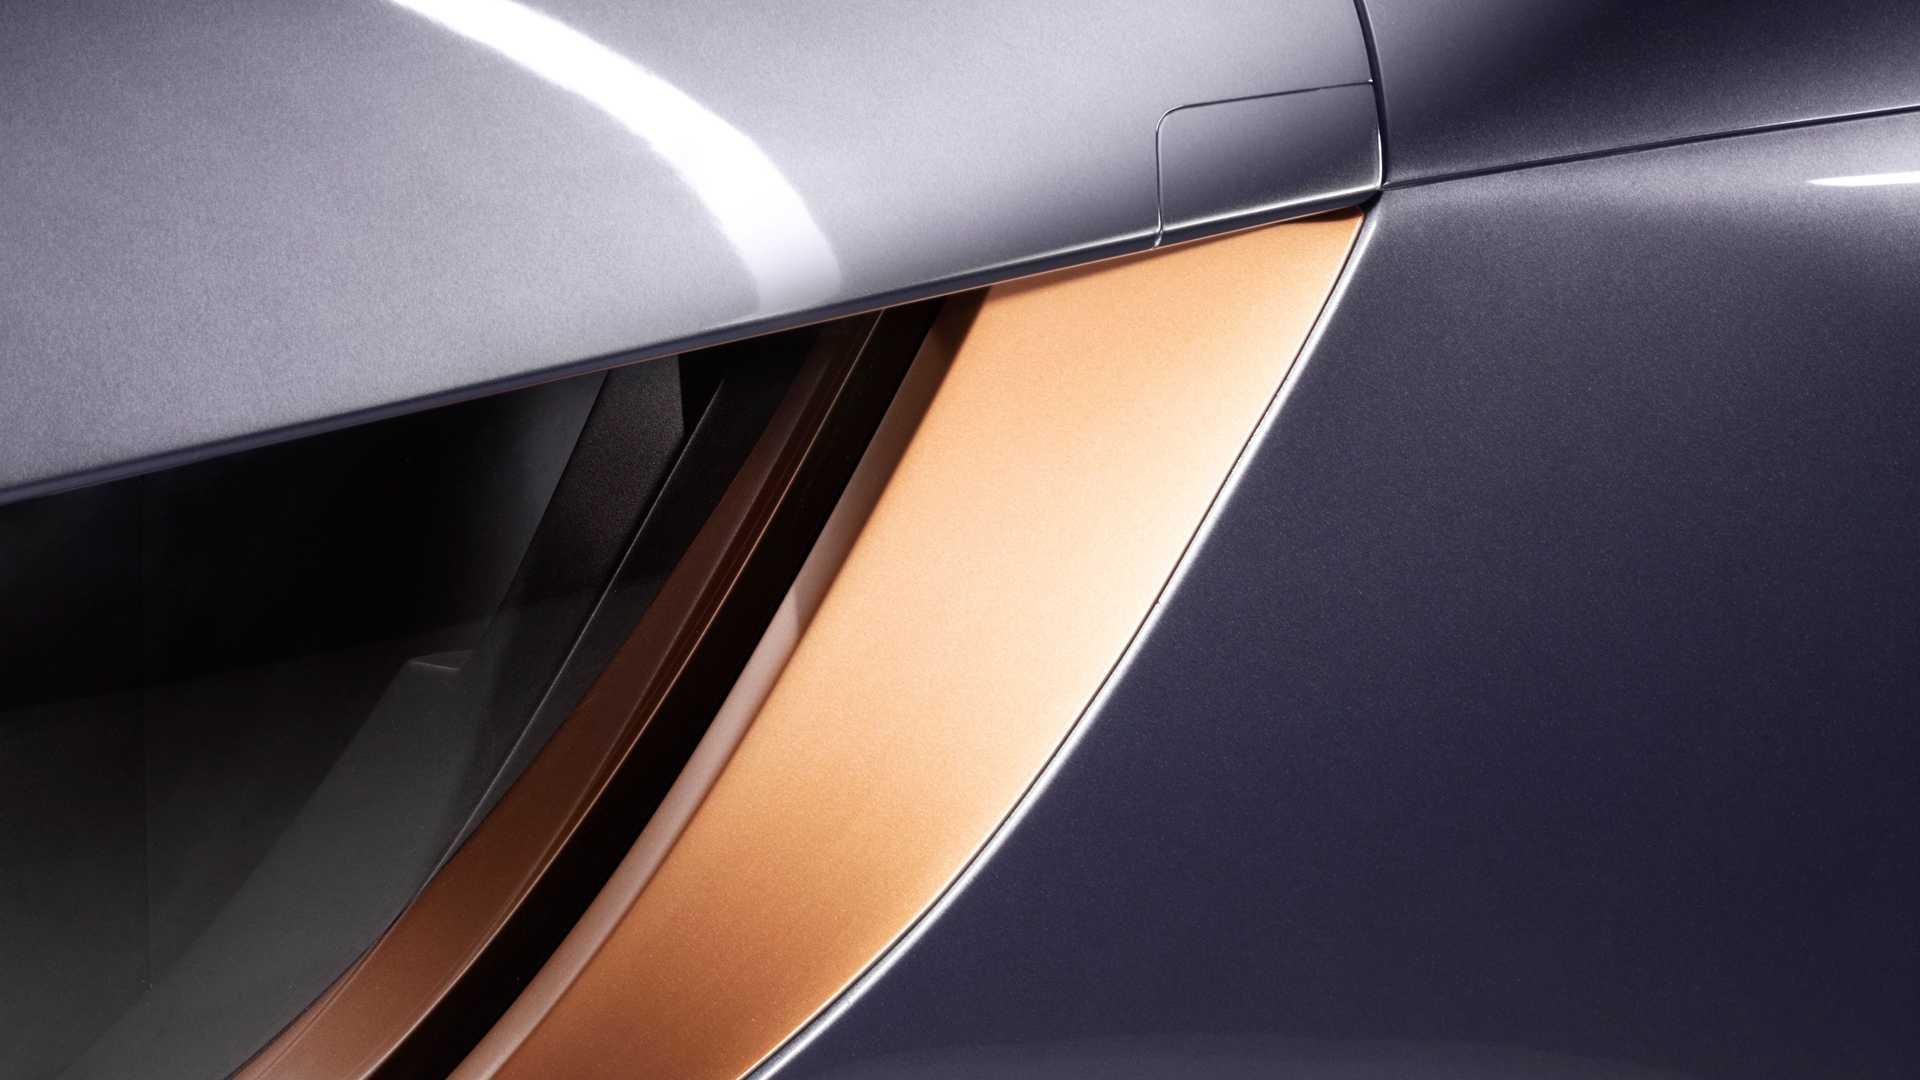 Suzuki-Misano-Concept-IED-25